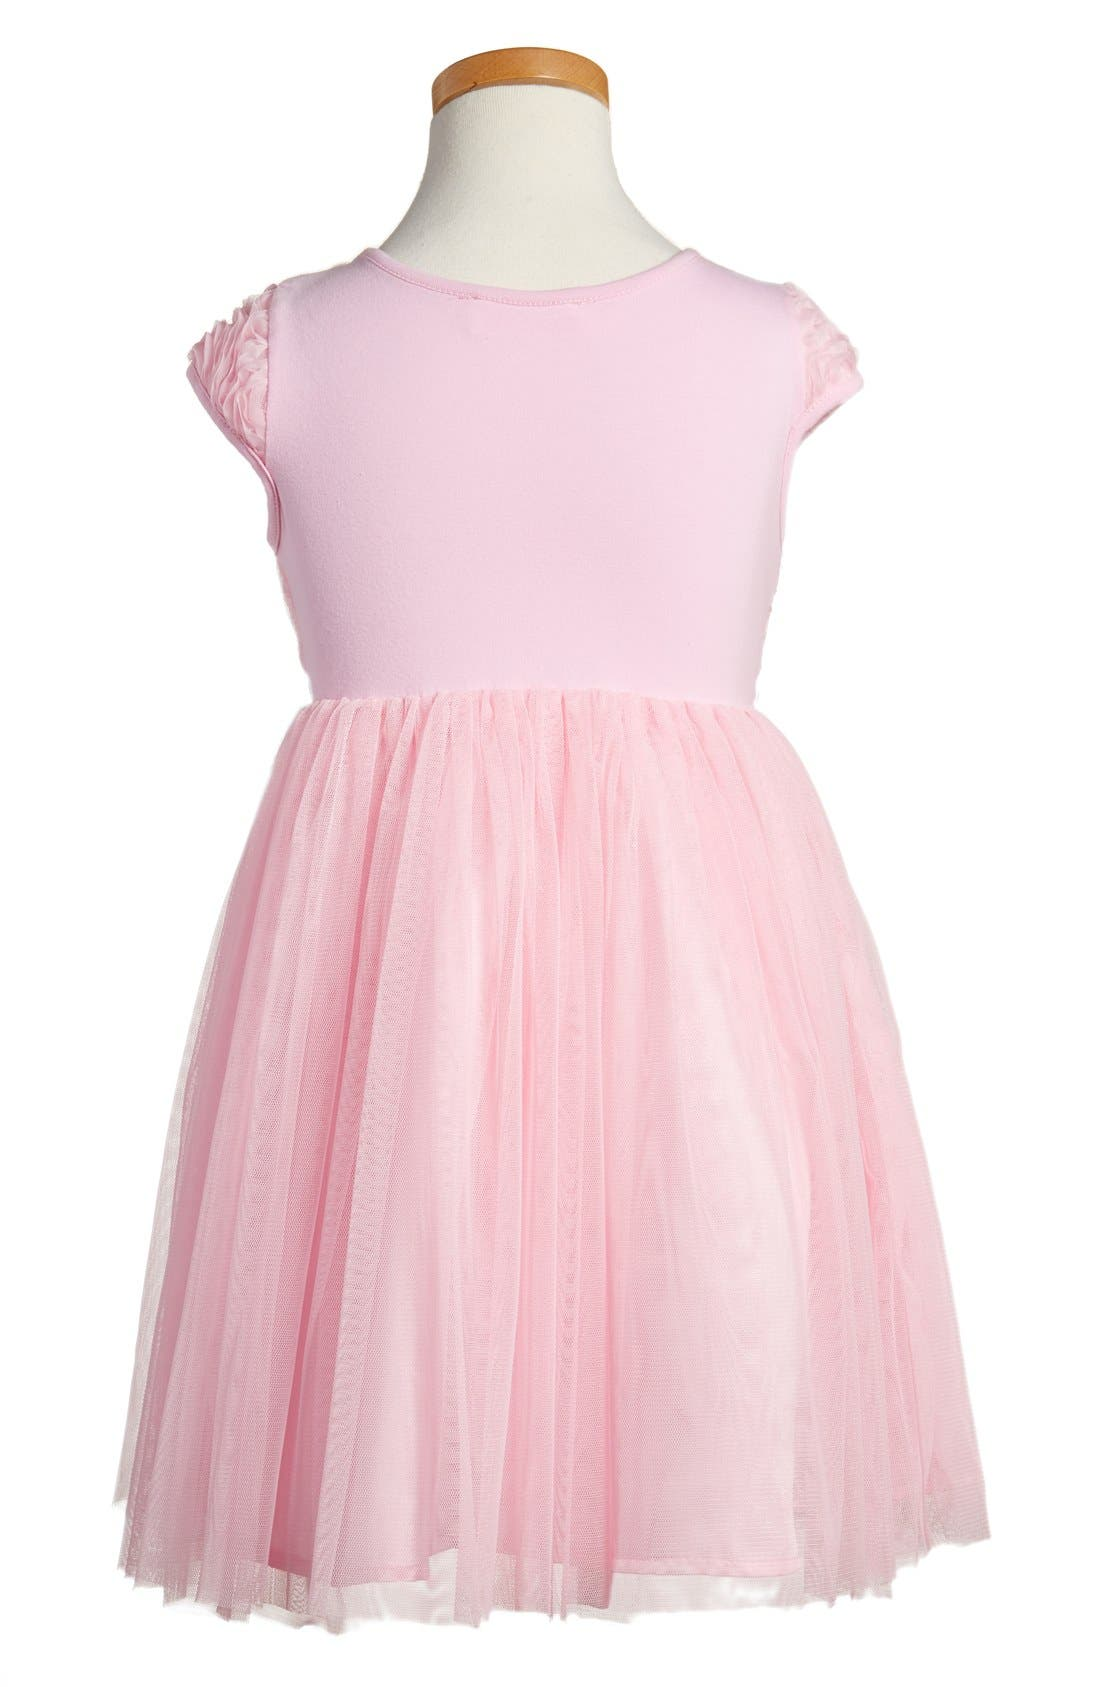 POPATU, Ribbon Rosette Tulle Dress, Alternate thumbnail 2, color, PINK